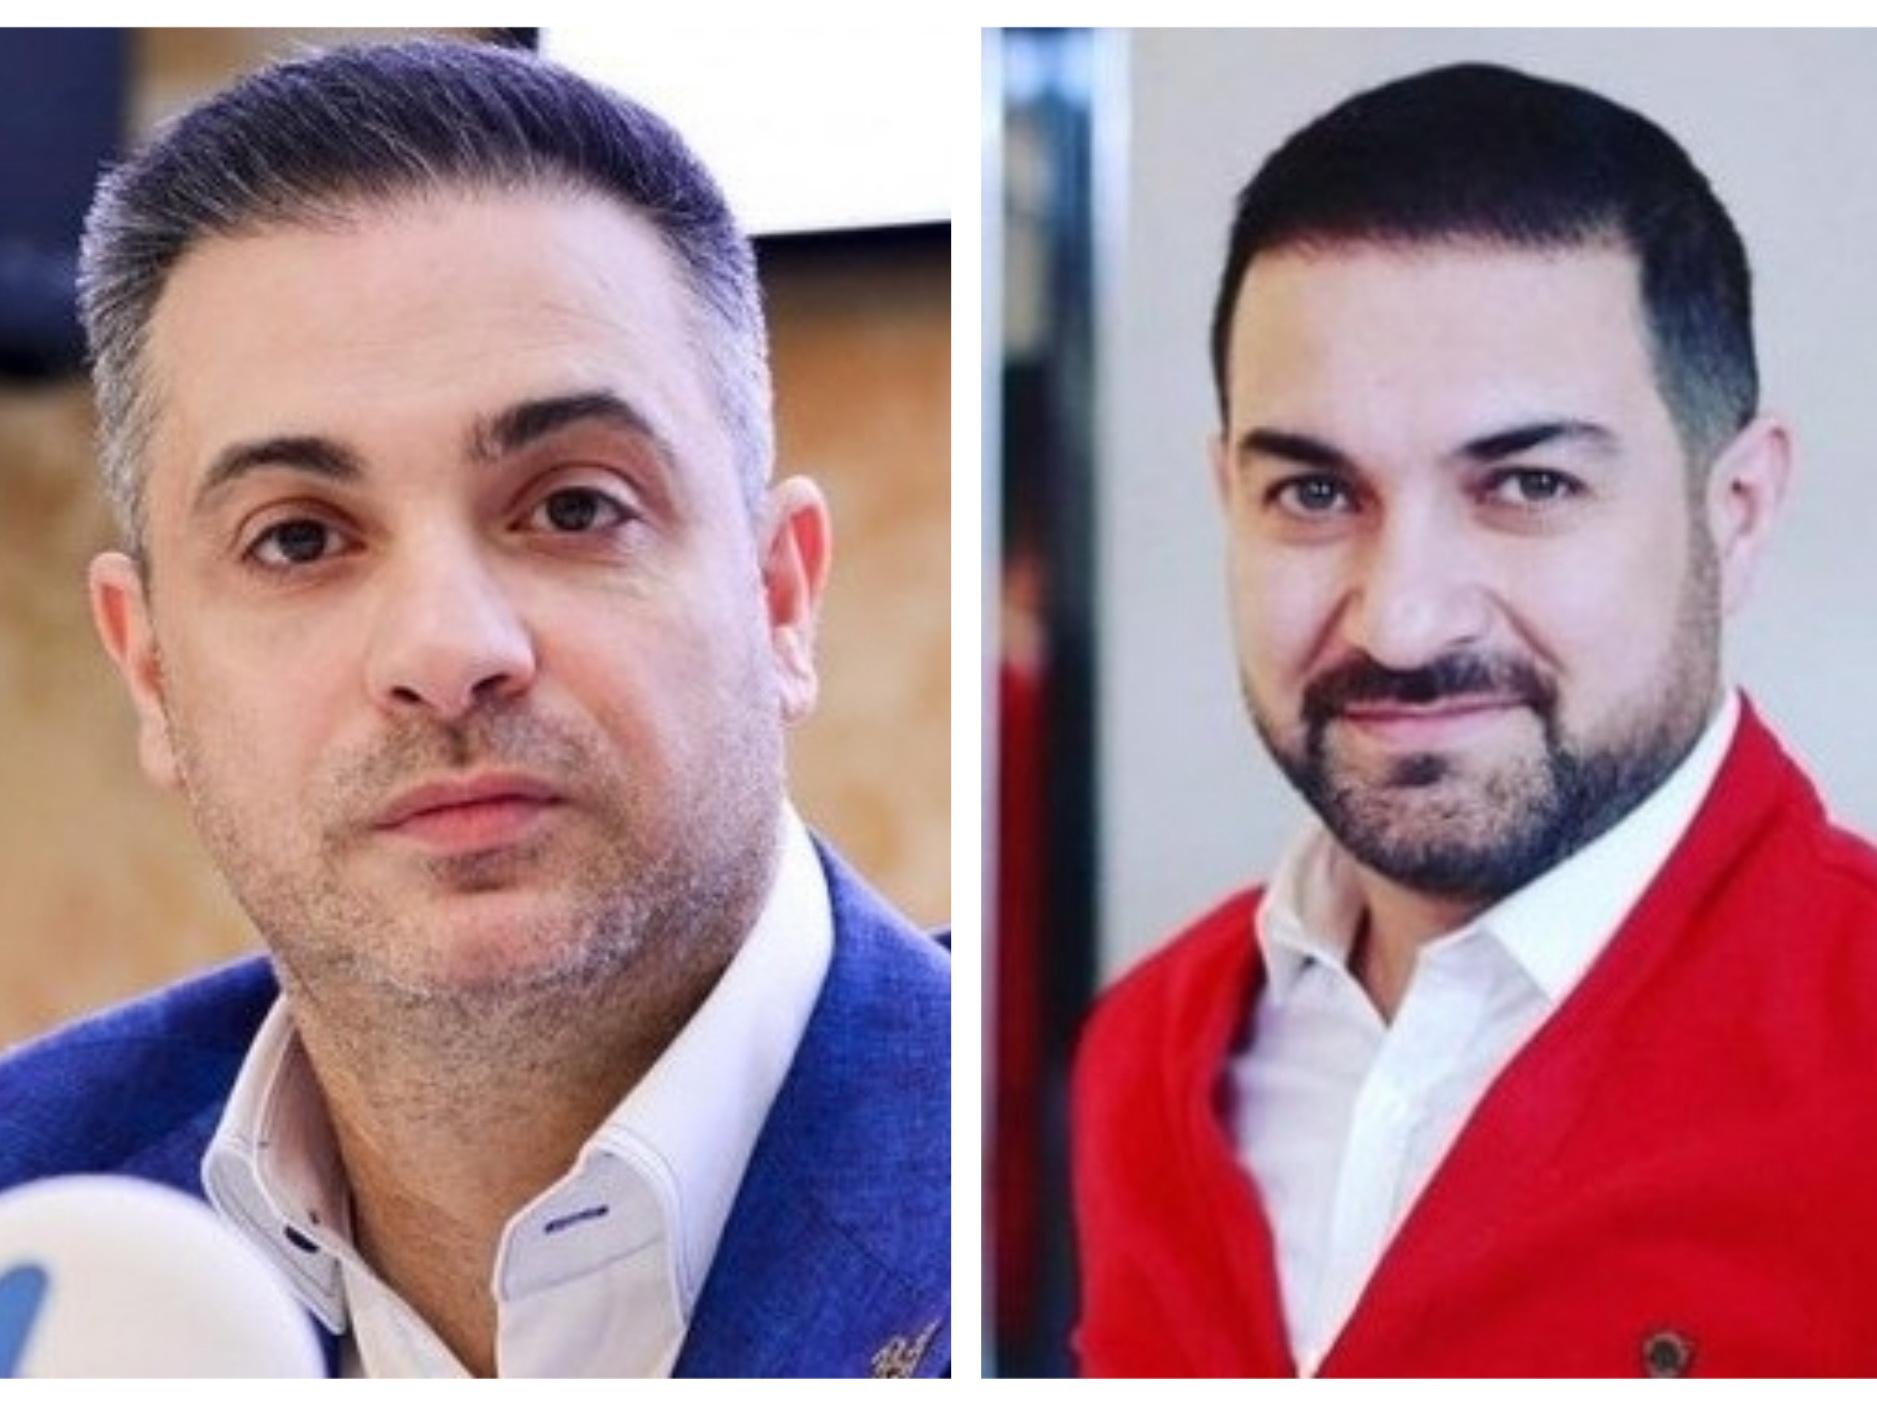 Суд вынес решение в отношении матерившихся в эфире телеканала Space азербайджанских певцов